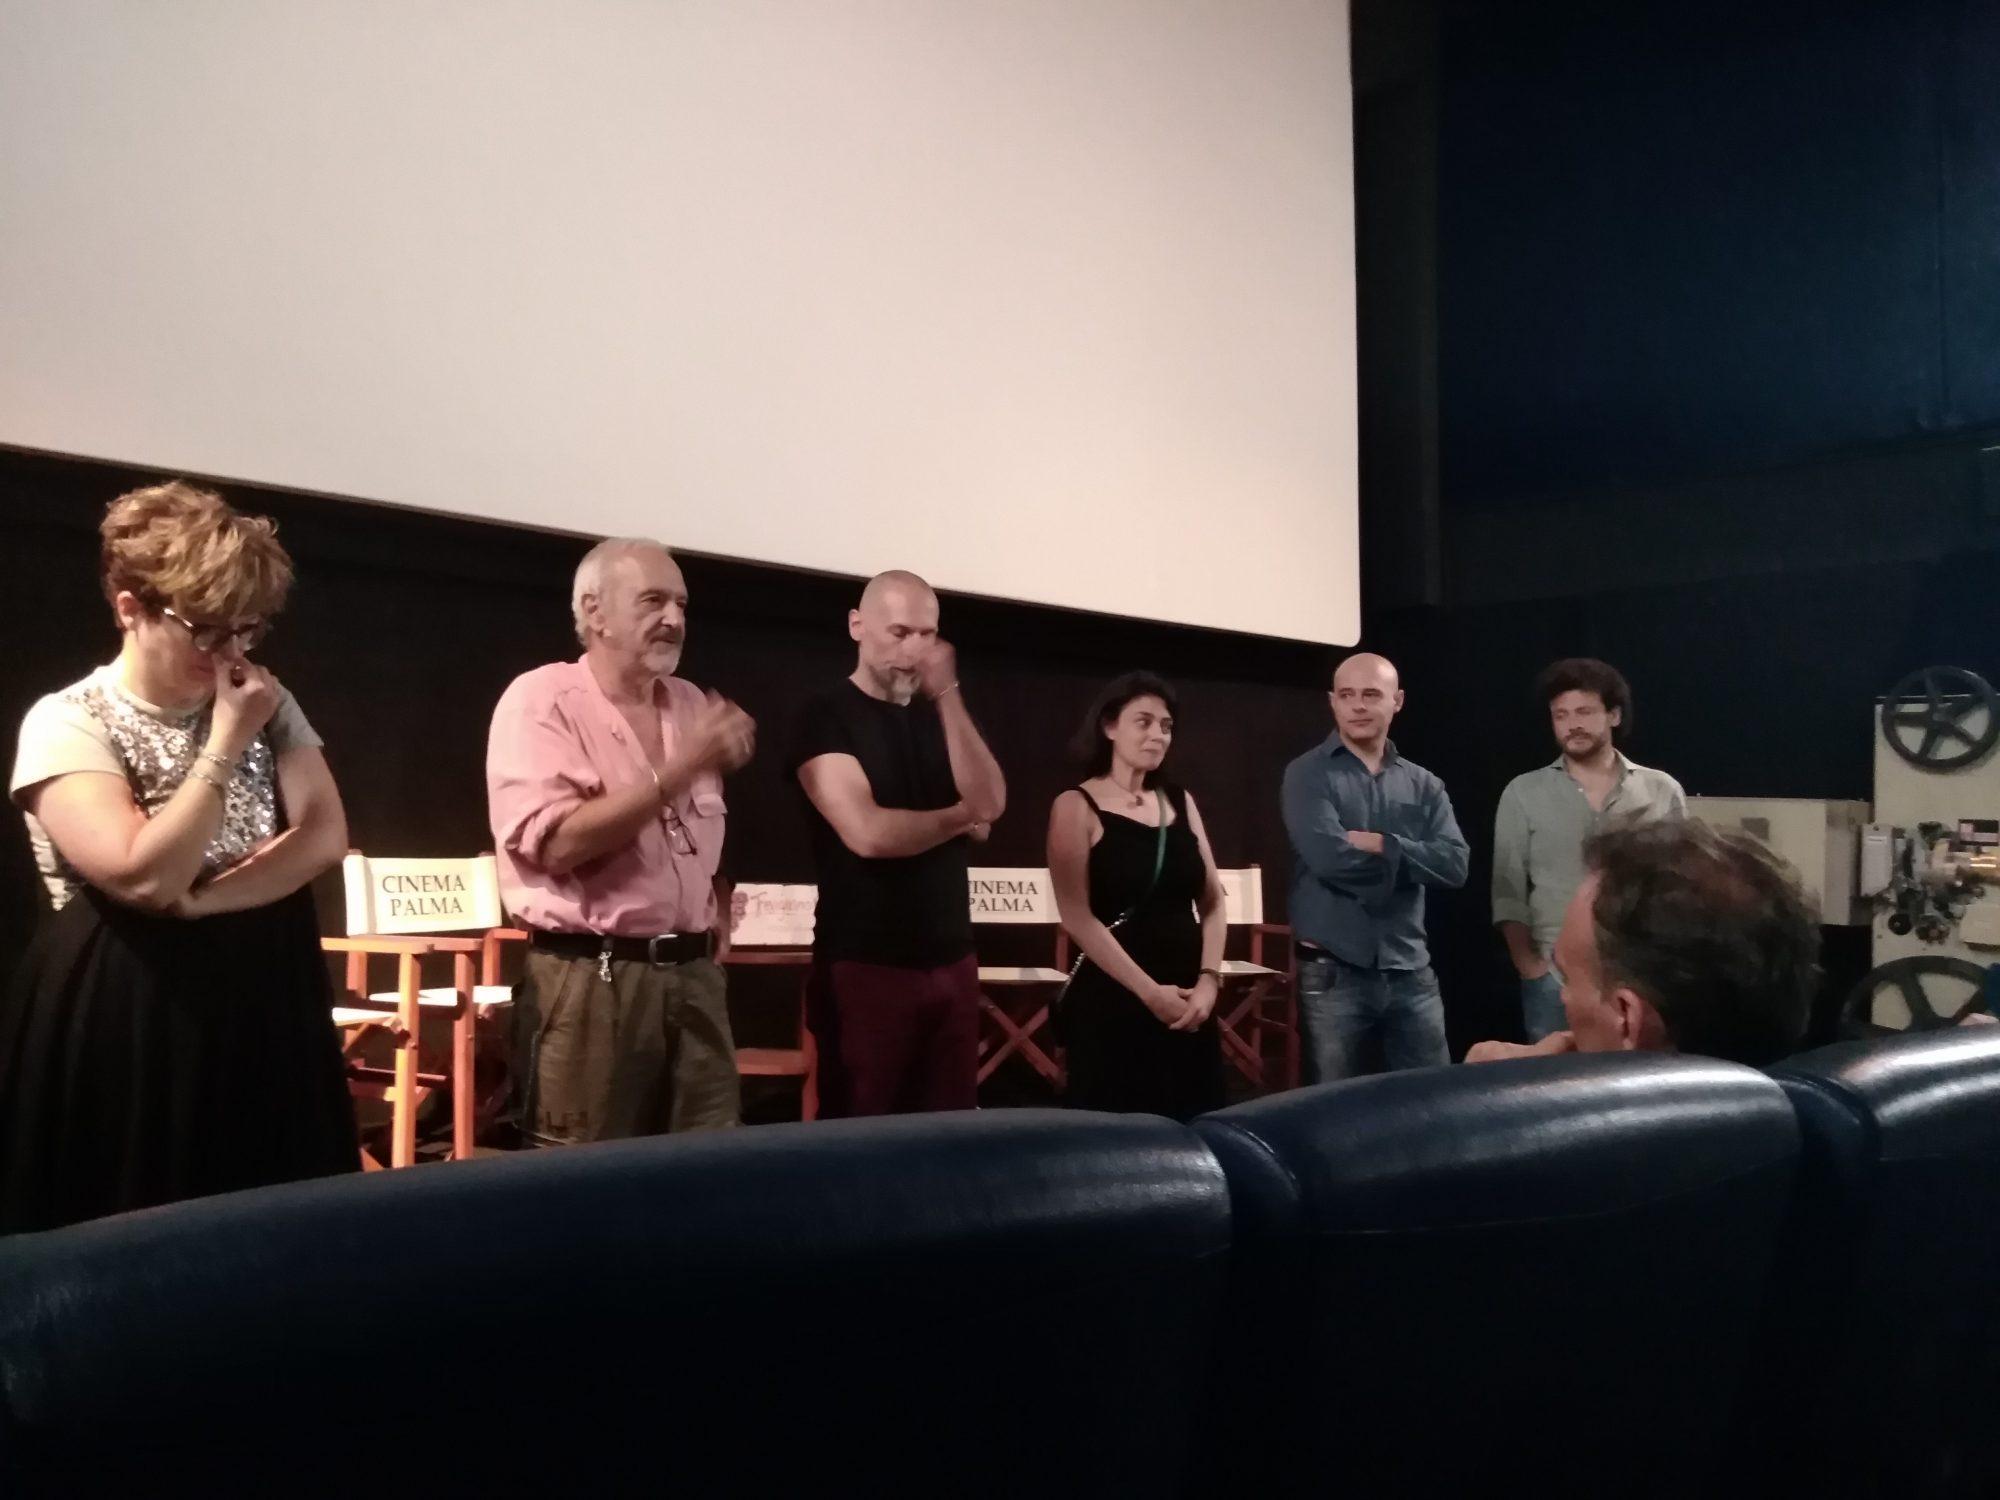 Una vita in cambio: il lago di Bracciano scenario del film interpretato da un grande Toni Garrani